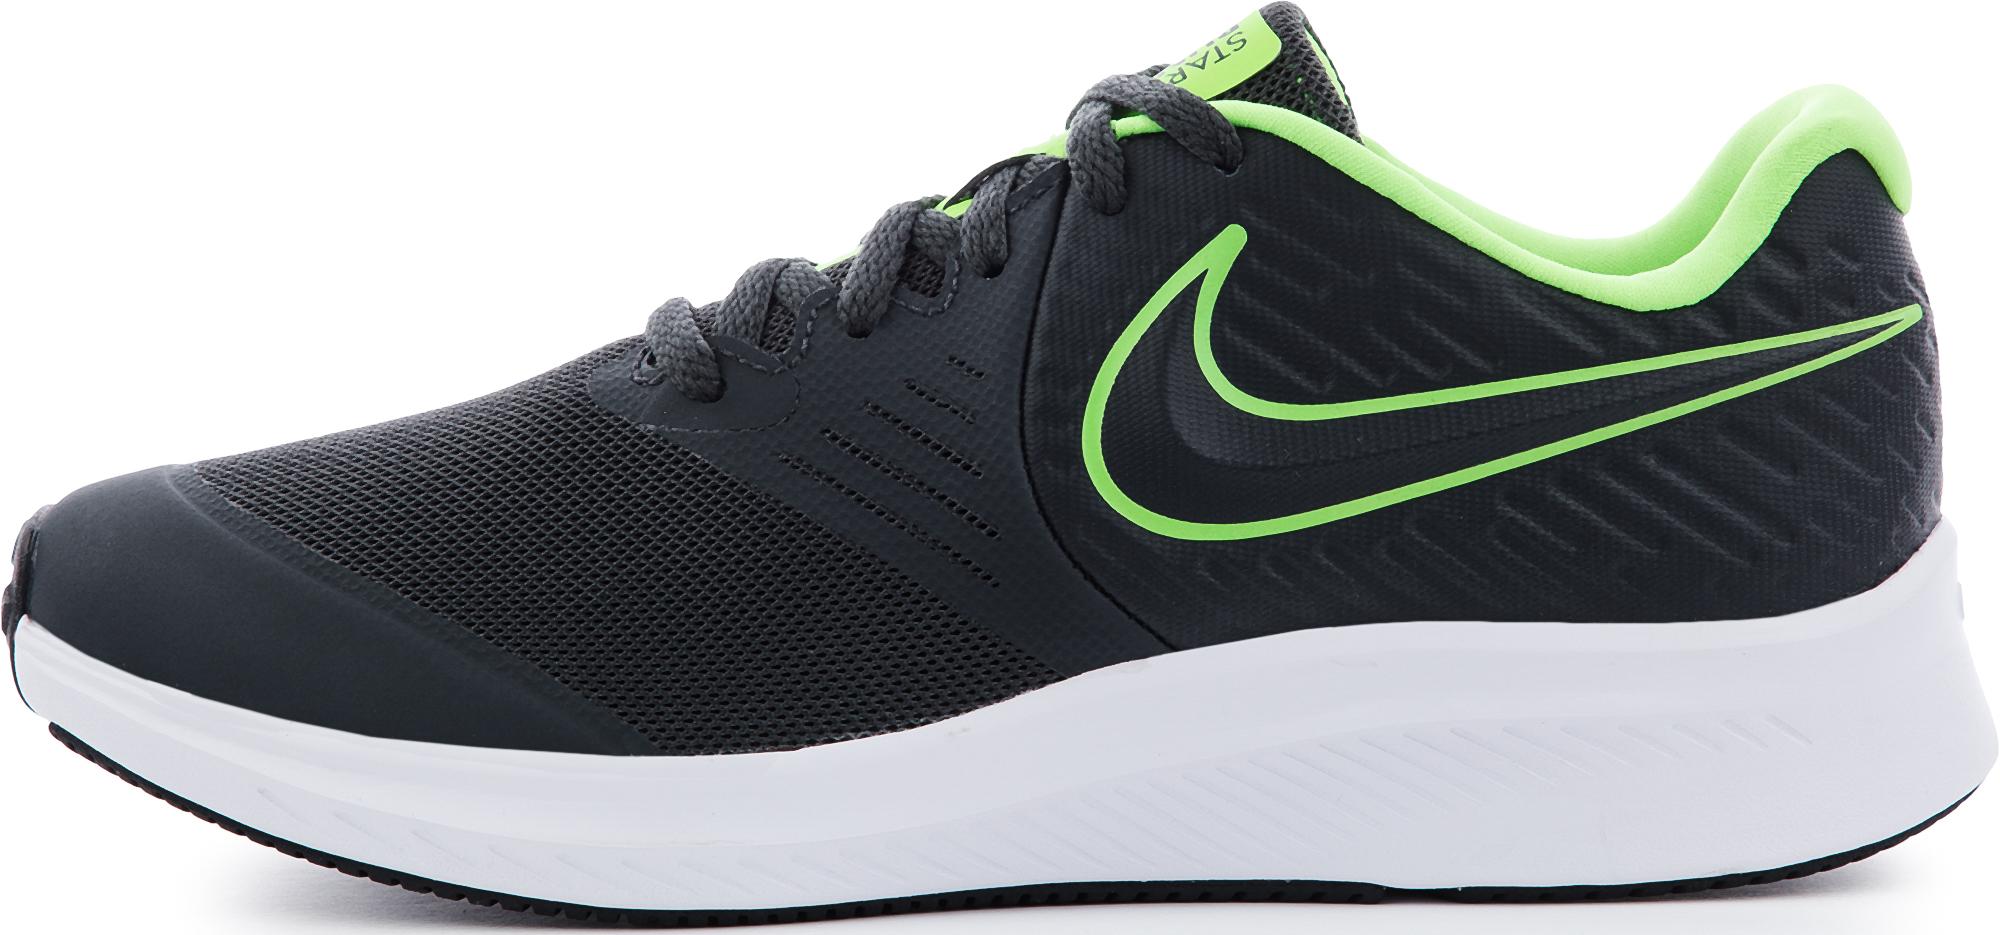 Nike Кроссовки для мальчиков Nike Star Runner 2 (Gs), размер 35 одежда для занятий баскетболом nike 005027 11 diy